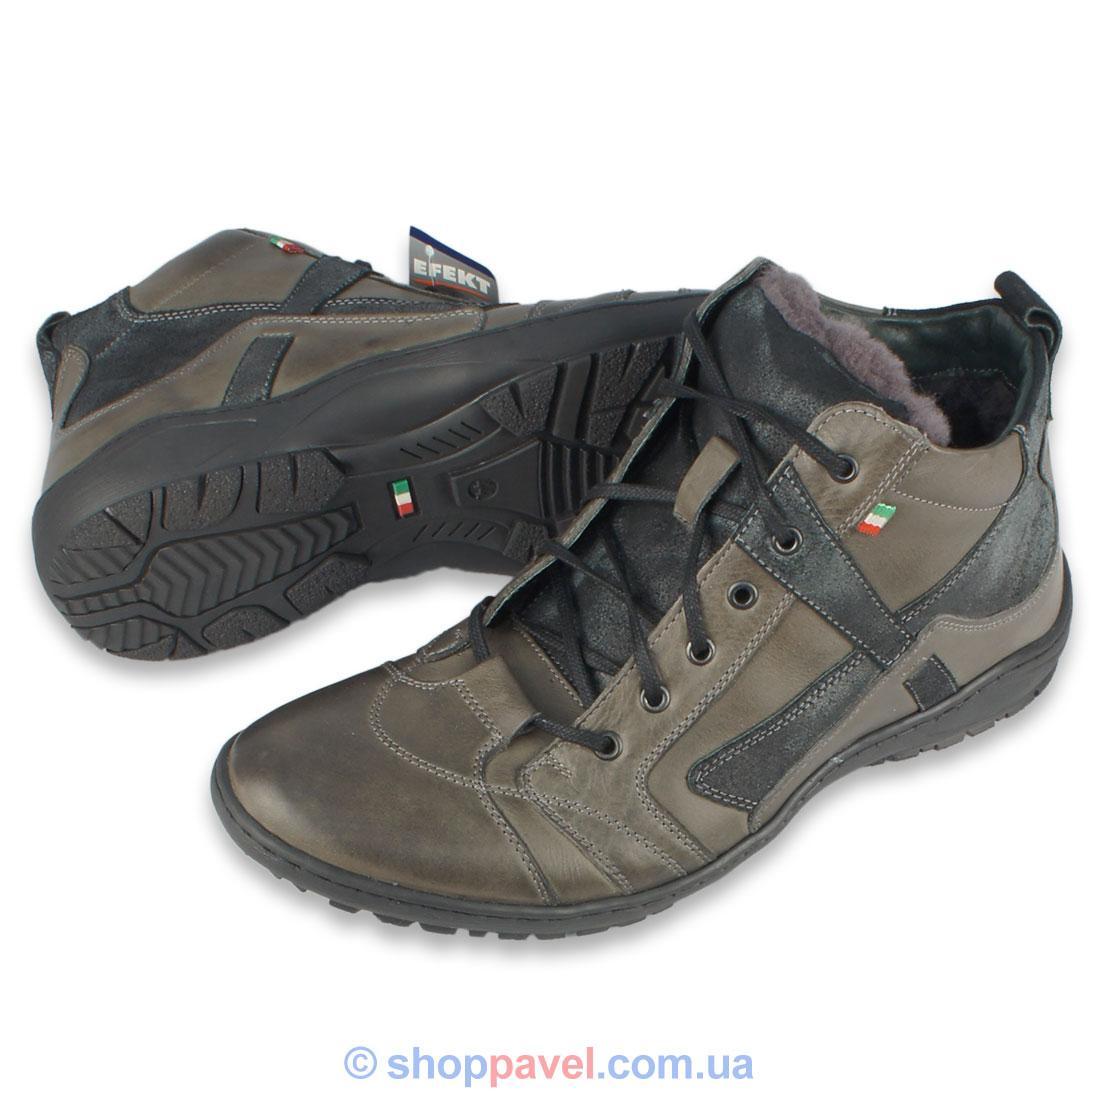 Зимове чоловіче взуття Efekt 201